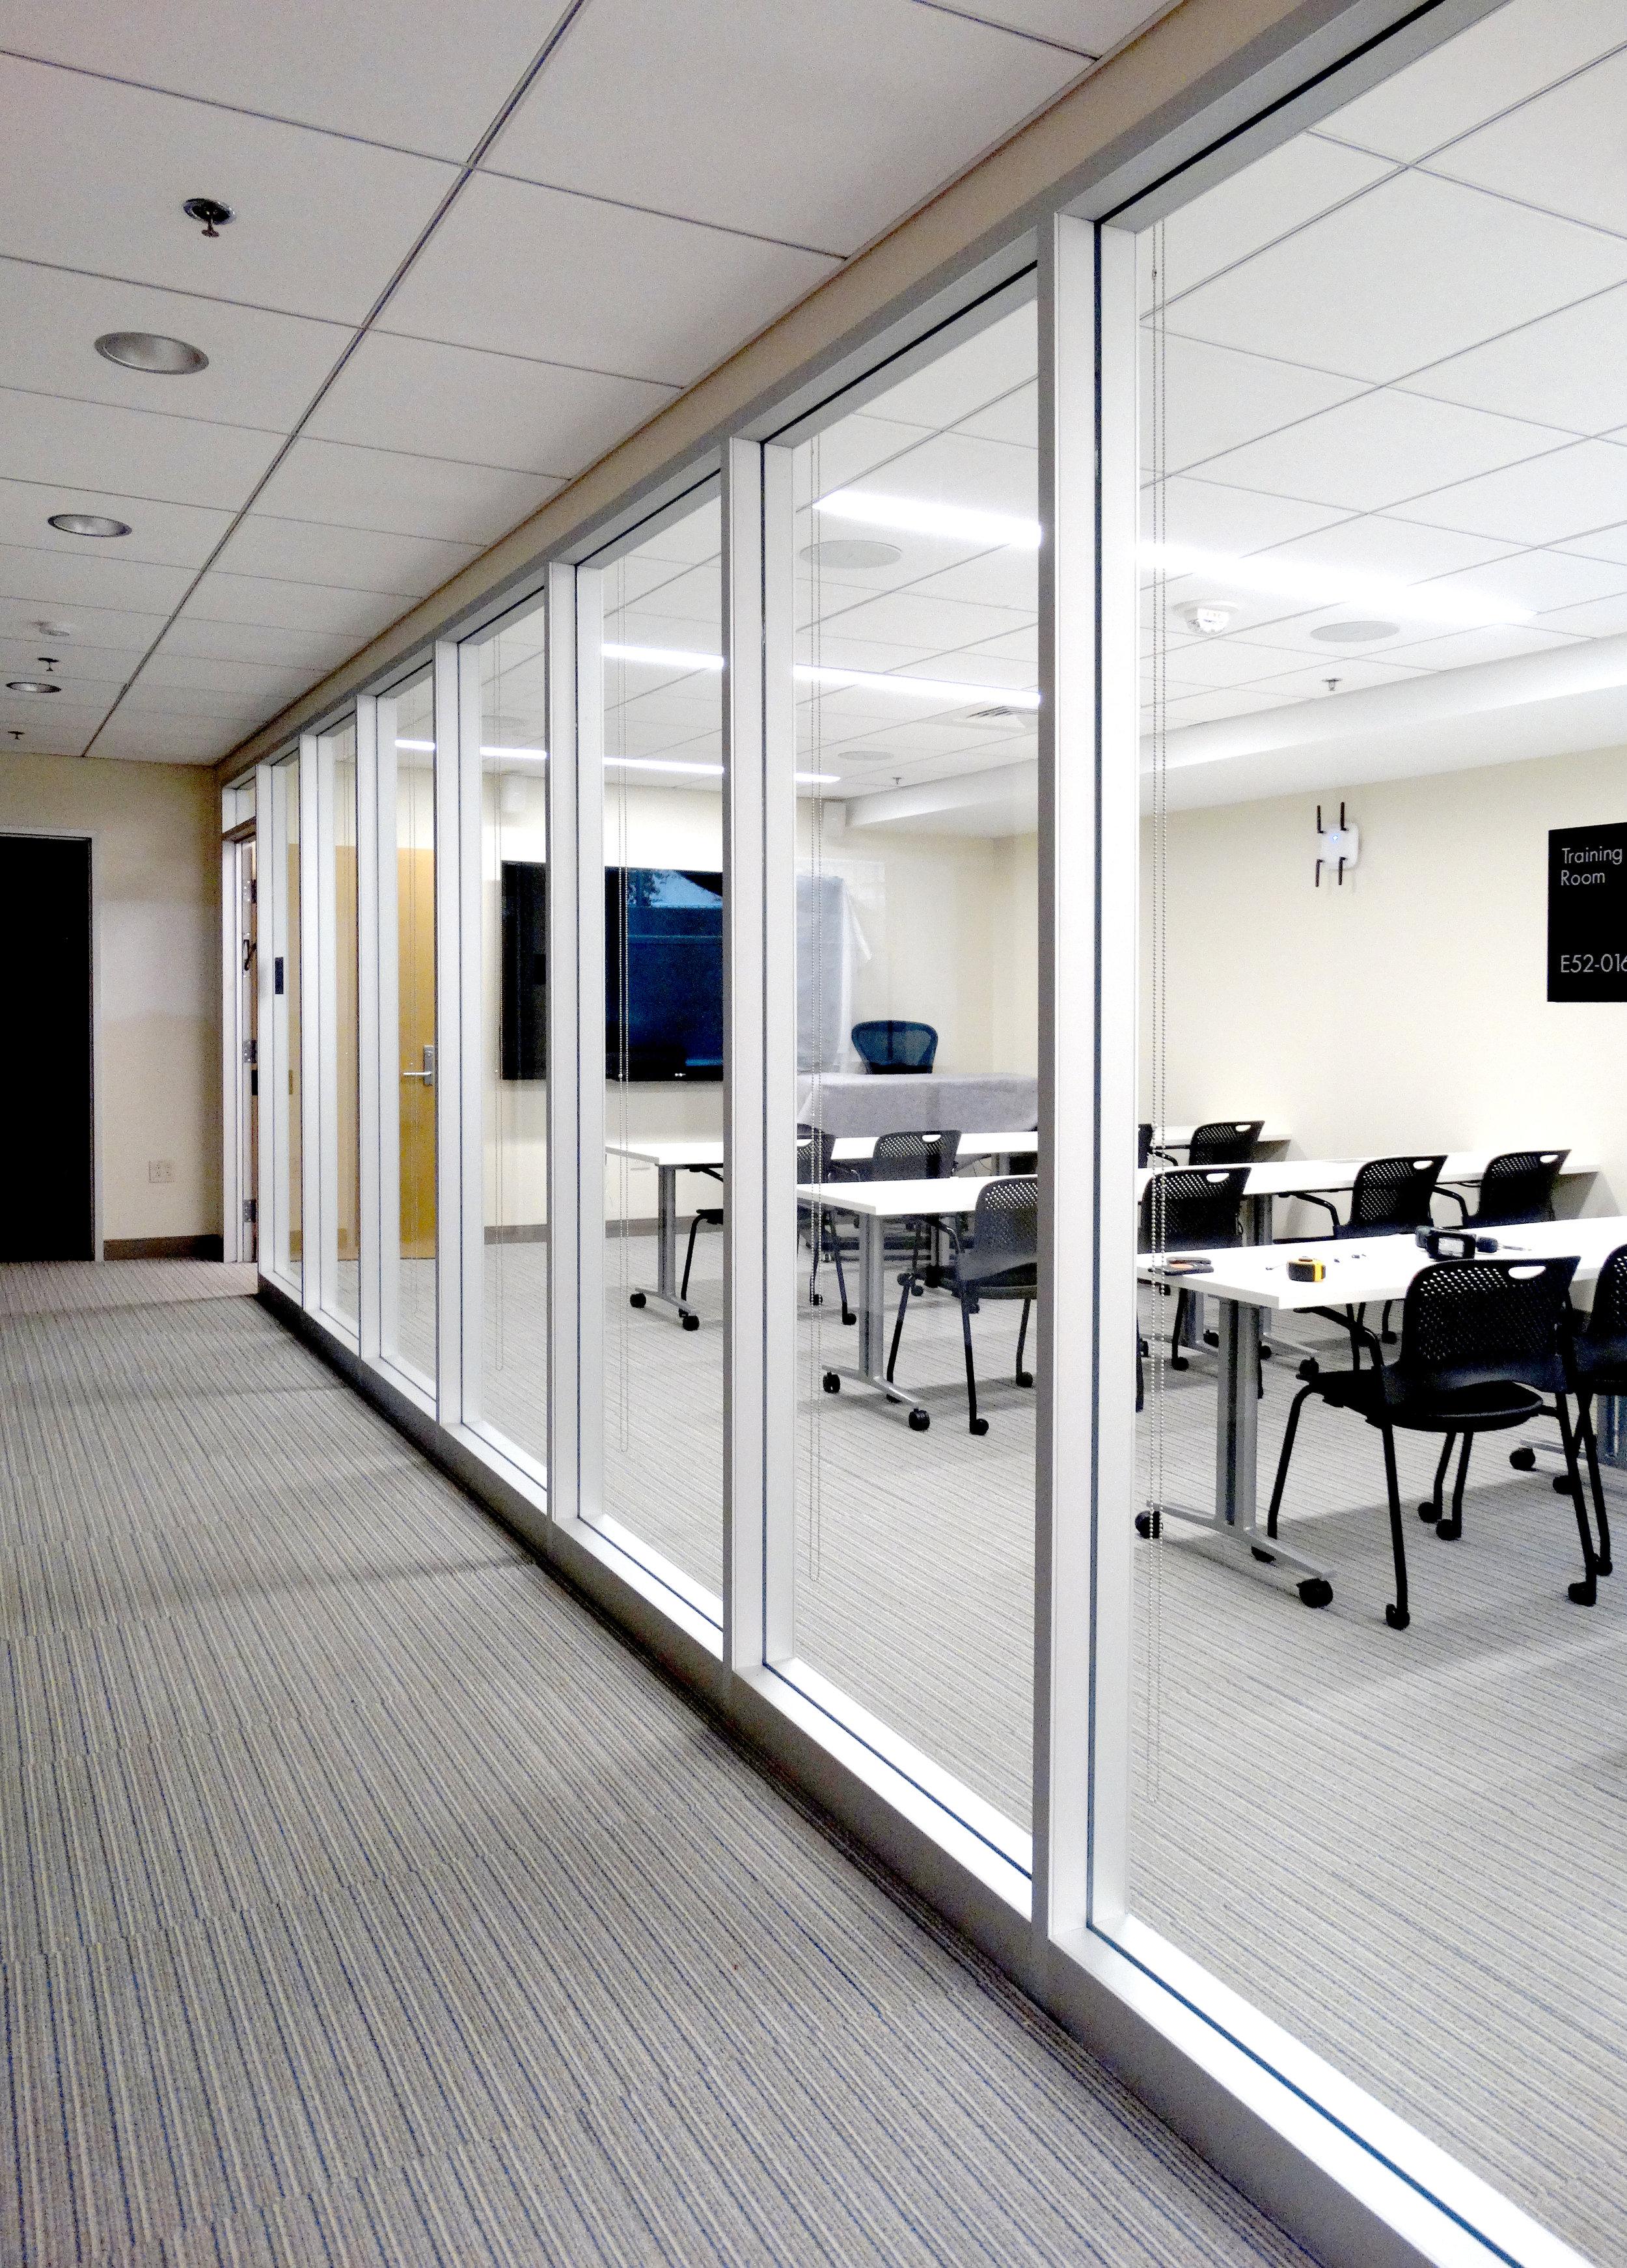 Encase Aluminum Framed Glass Wall Vertical Mullions - Spaceworks AI.jpg